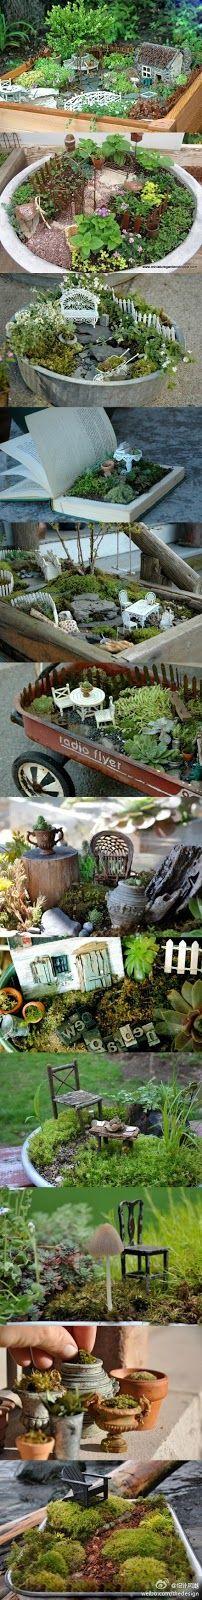 blog o wnętrzach dla dzieci, inspiracje : Ja też wierzę we wróżki! Mini ogród dla dzieci.